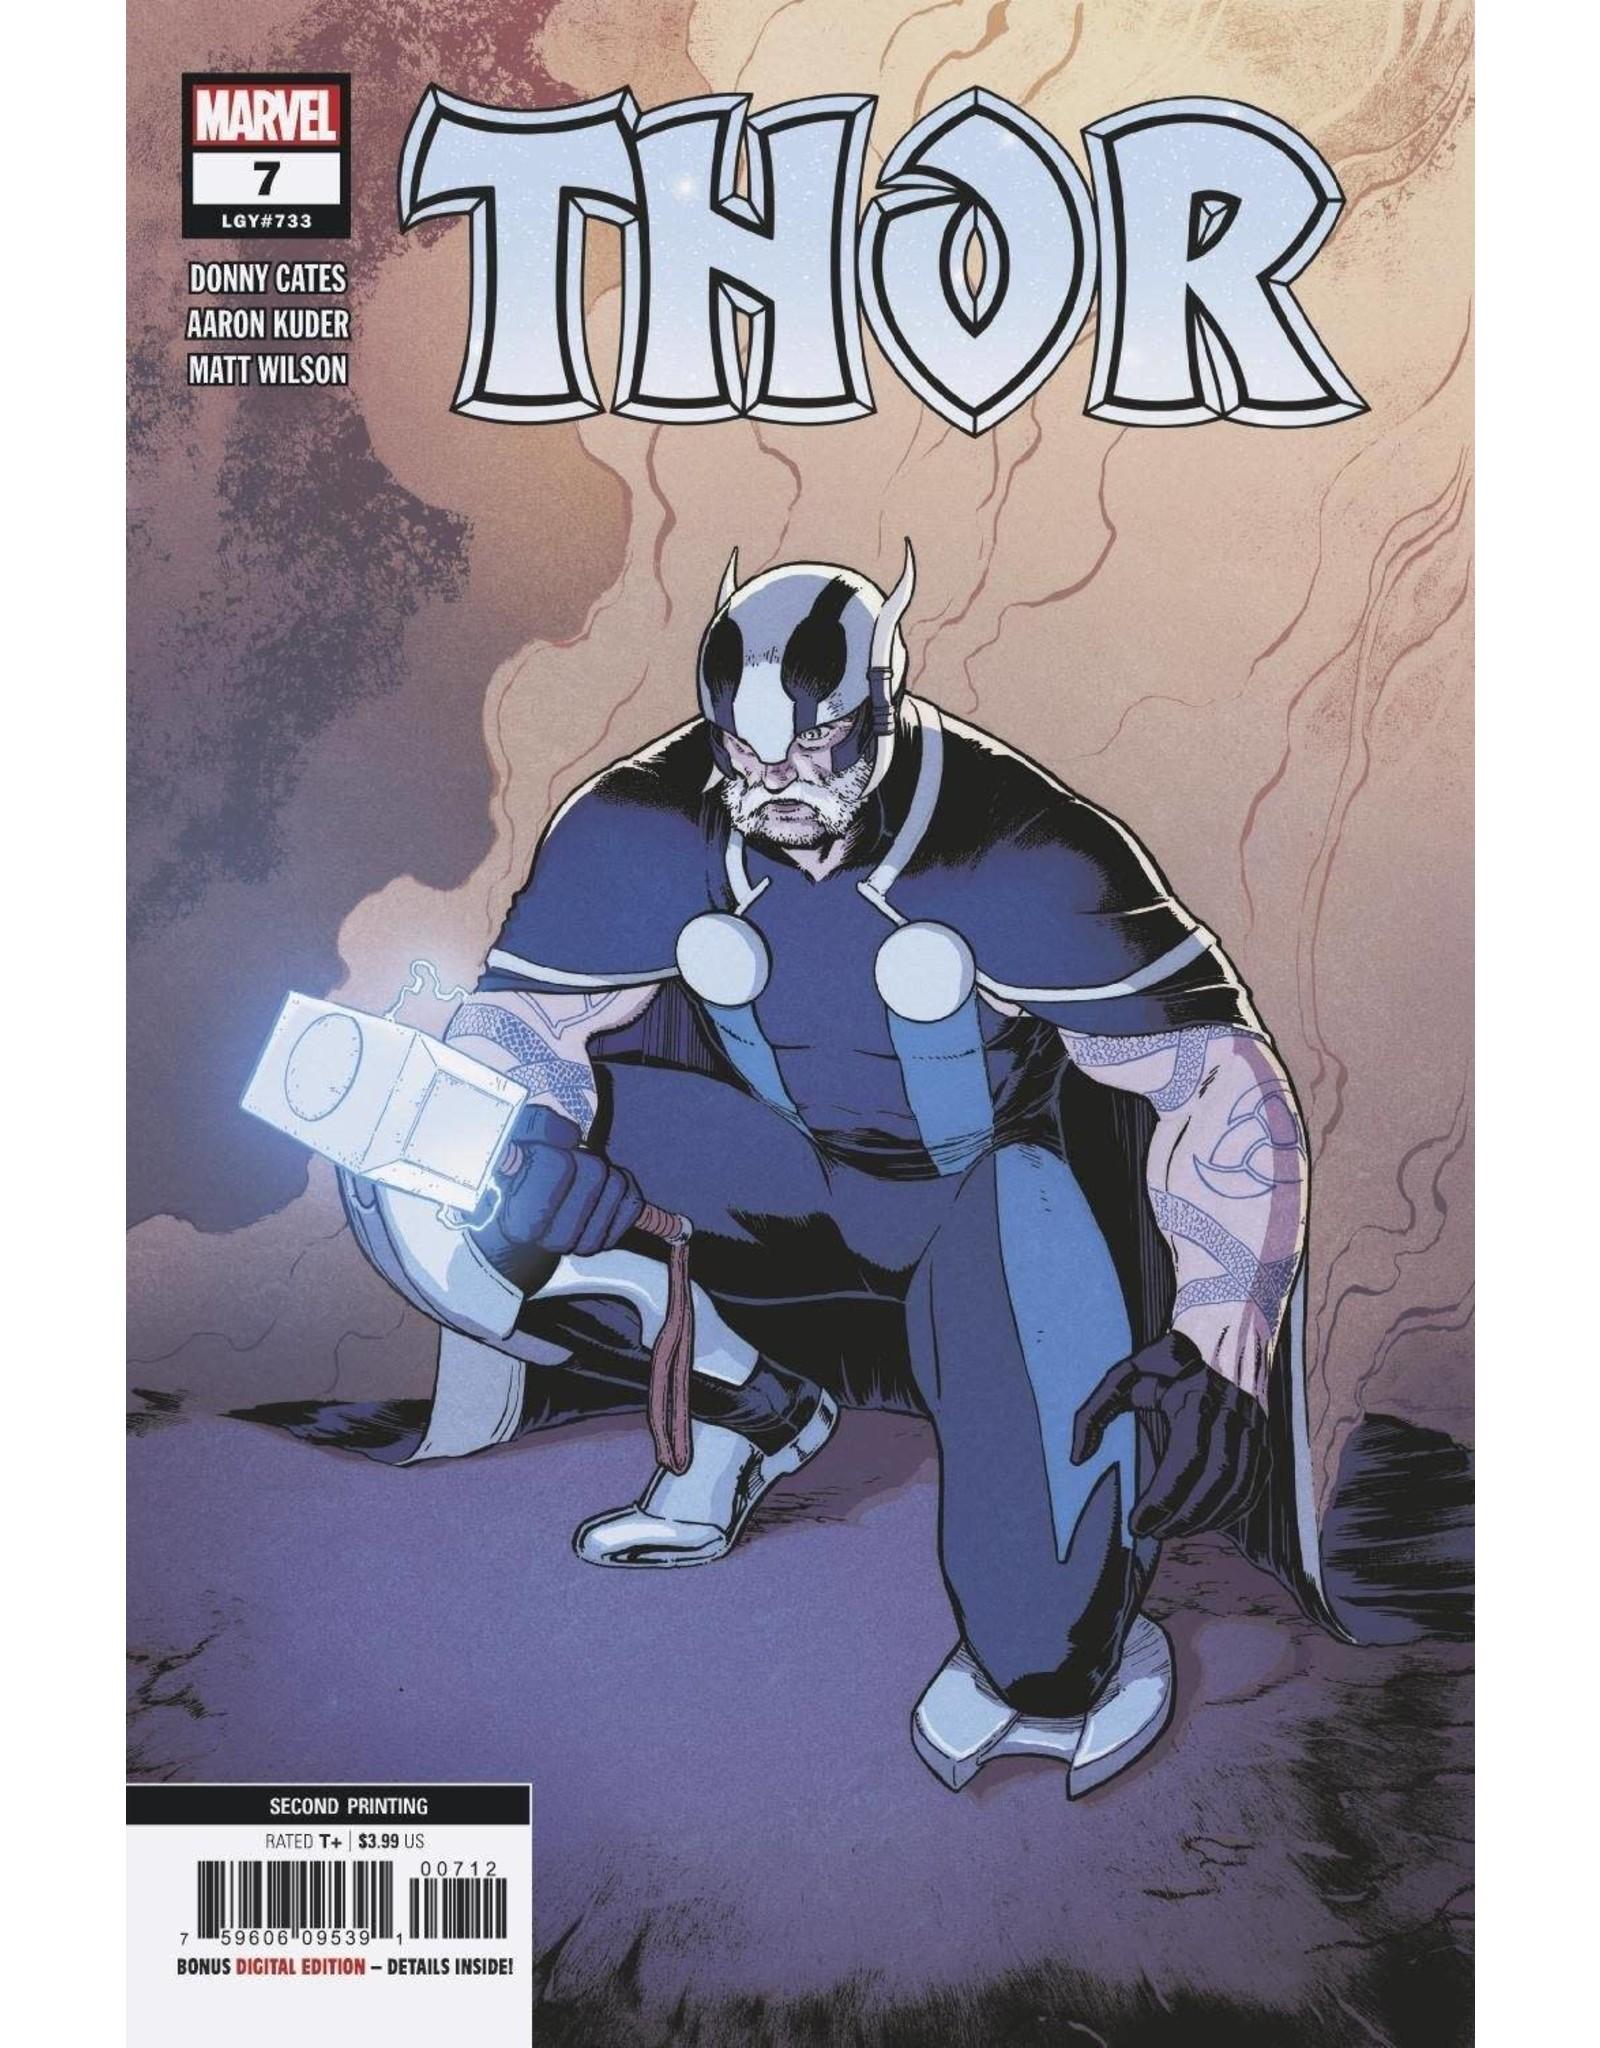 Marvel Comics THOR #7 2ND PTG KLEIN VAR